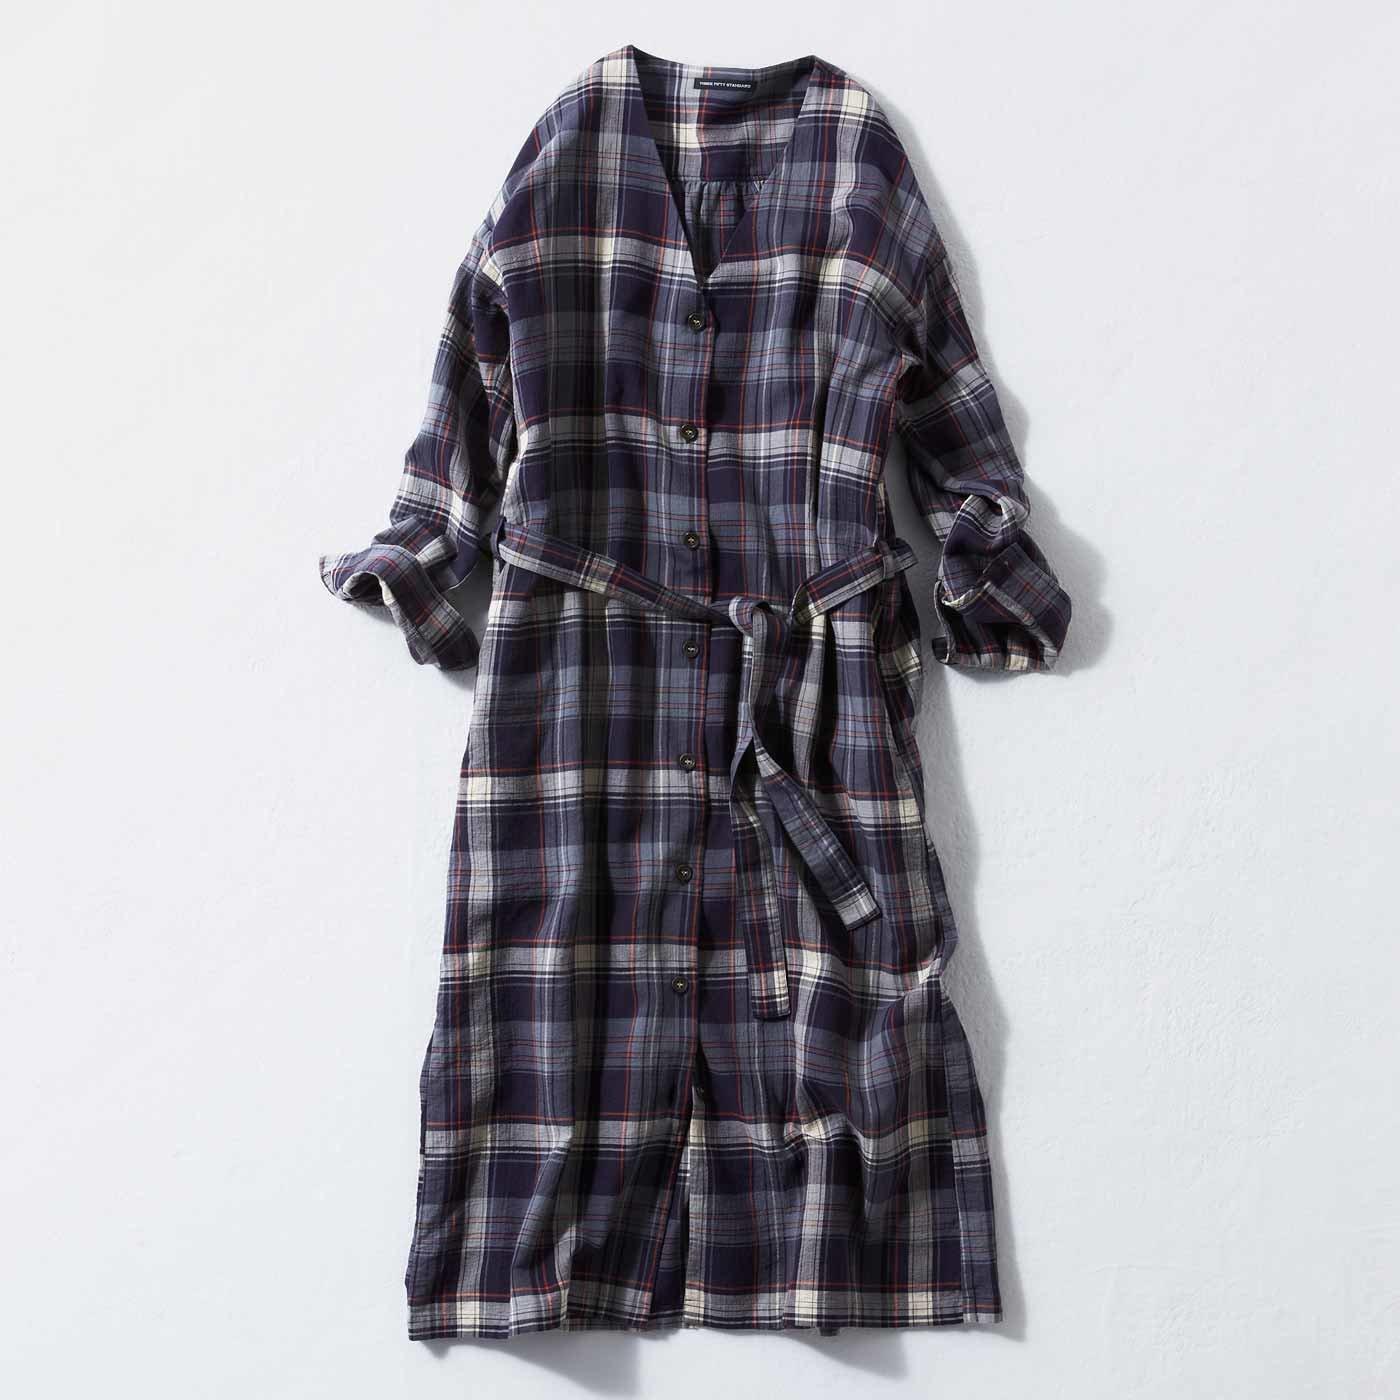 THREE FIFTY STANDARD 二重織チェックで仕立てたコートみたいなロングシャツ